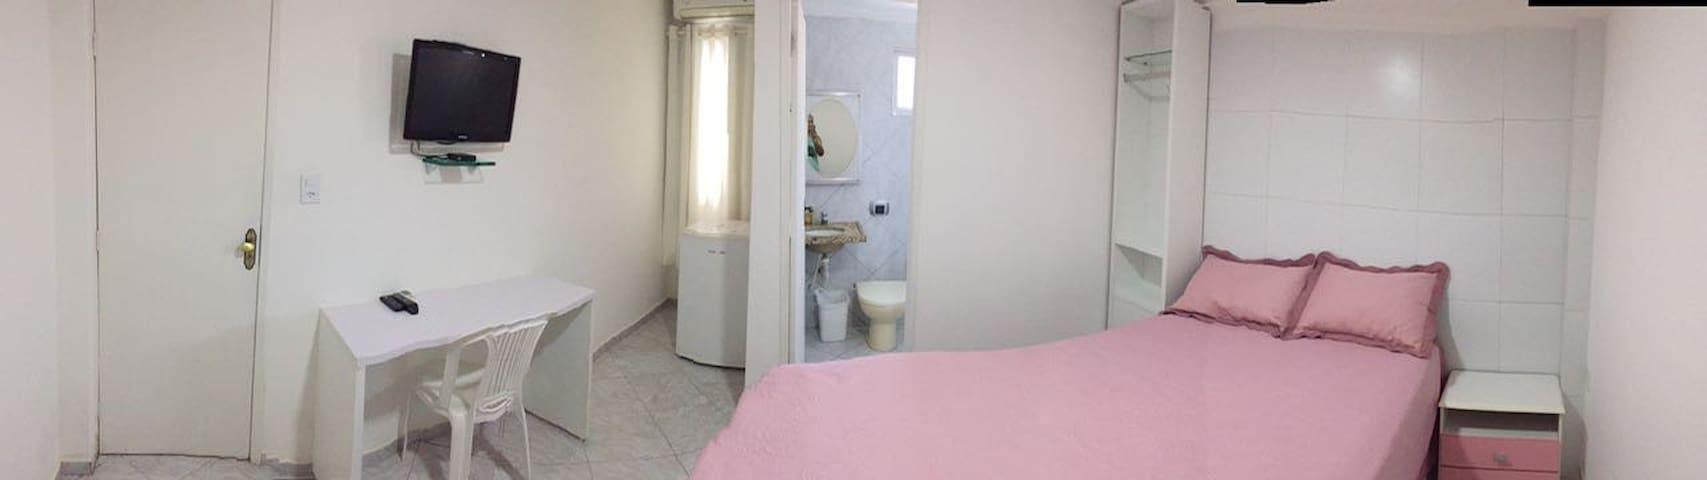 Loft bem localizado em Recife/Boa Viagem. Conheça!